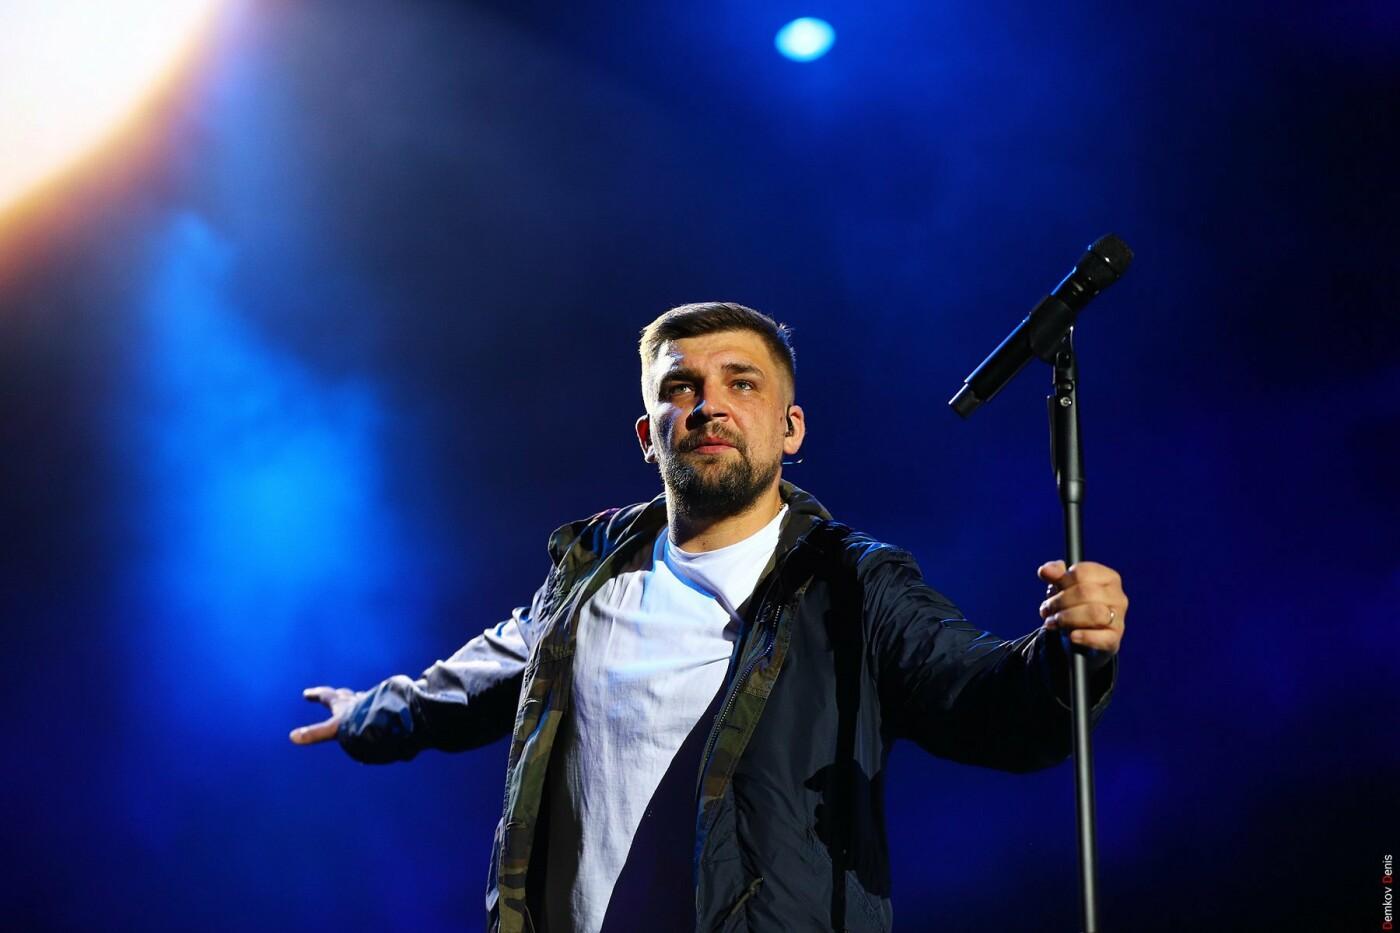 На первый большой концерт Басты в Ростове пришли 35 тысяч зрителей, фото-1